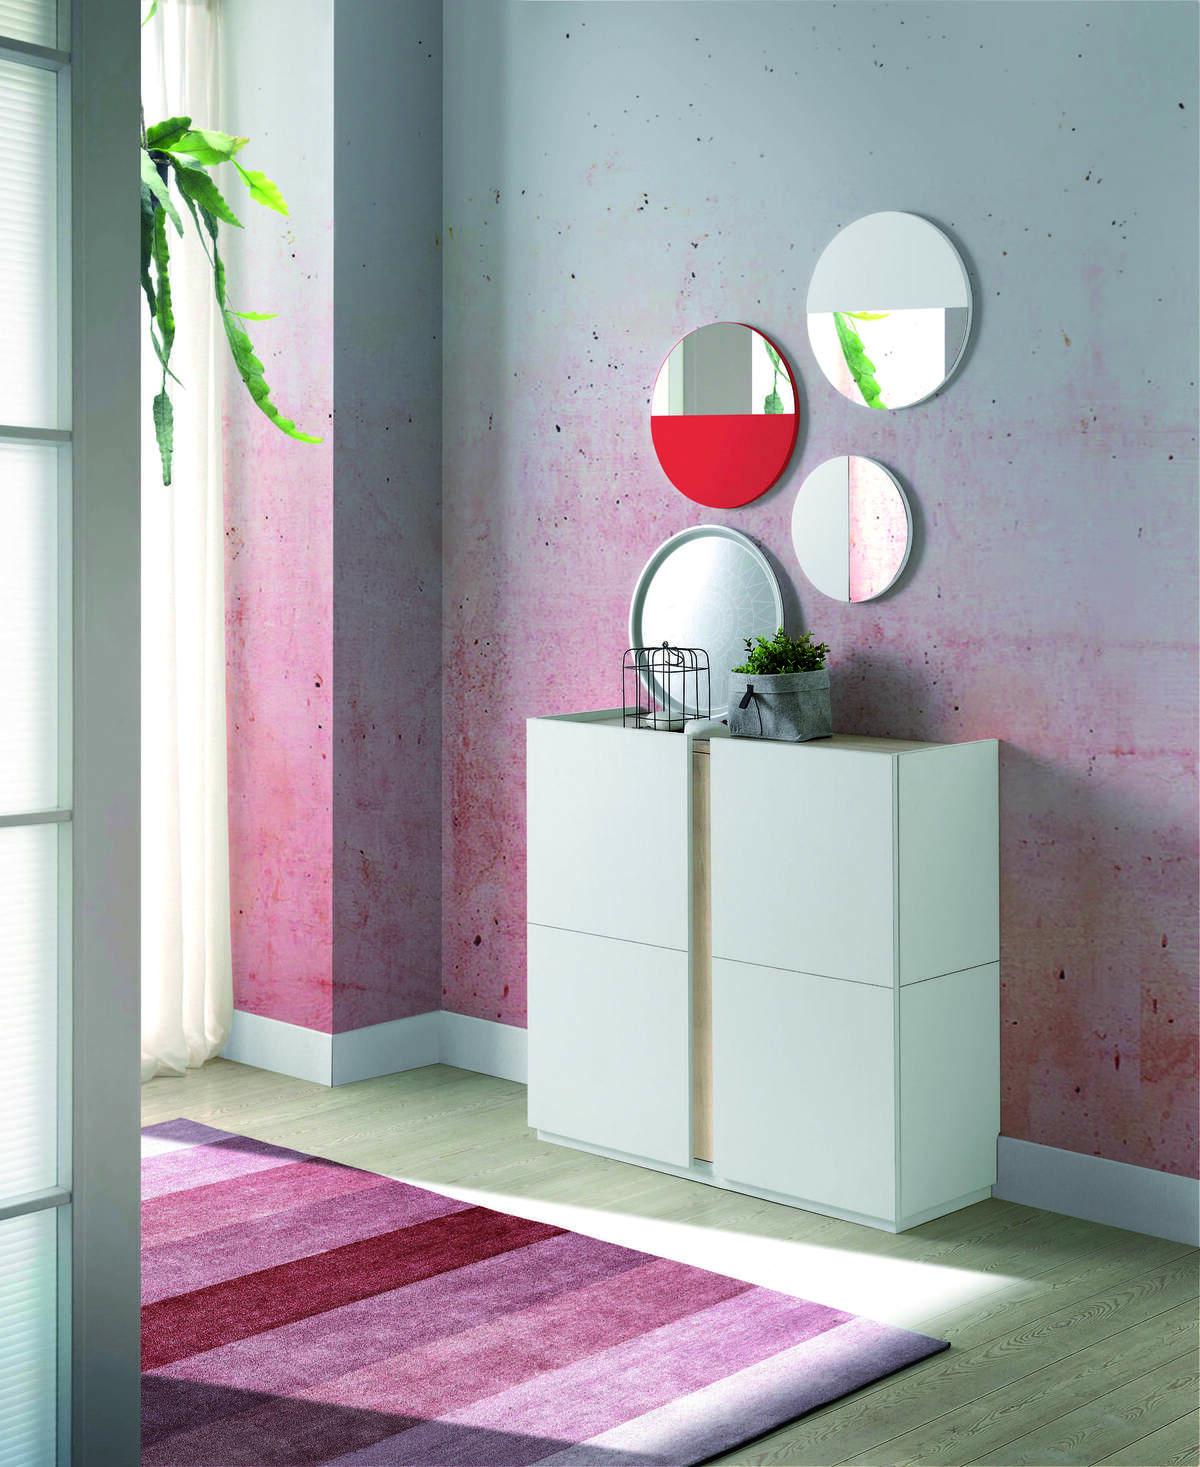 45 – Zapatero moderno con gran espacio de guardado en su interior que solucionará de manera eficiente tus problemas de orden. 95 x 90 x 35 cm. espejos 30 x 30 x 1,3 cm. y 40 x 40 x 1,3 cm.